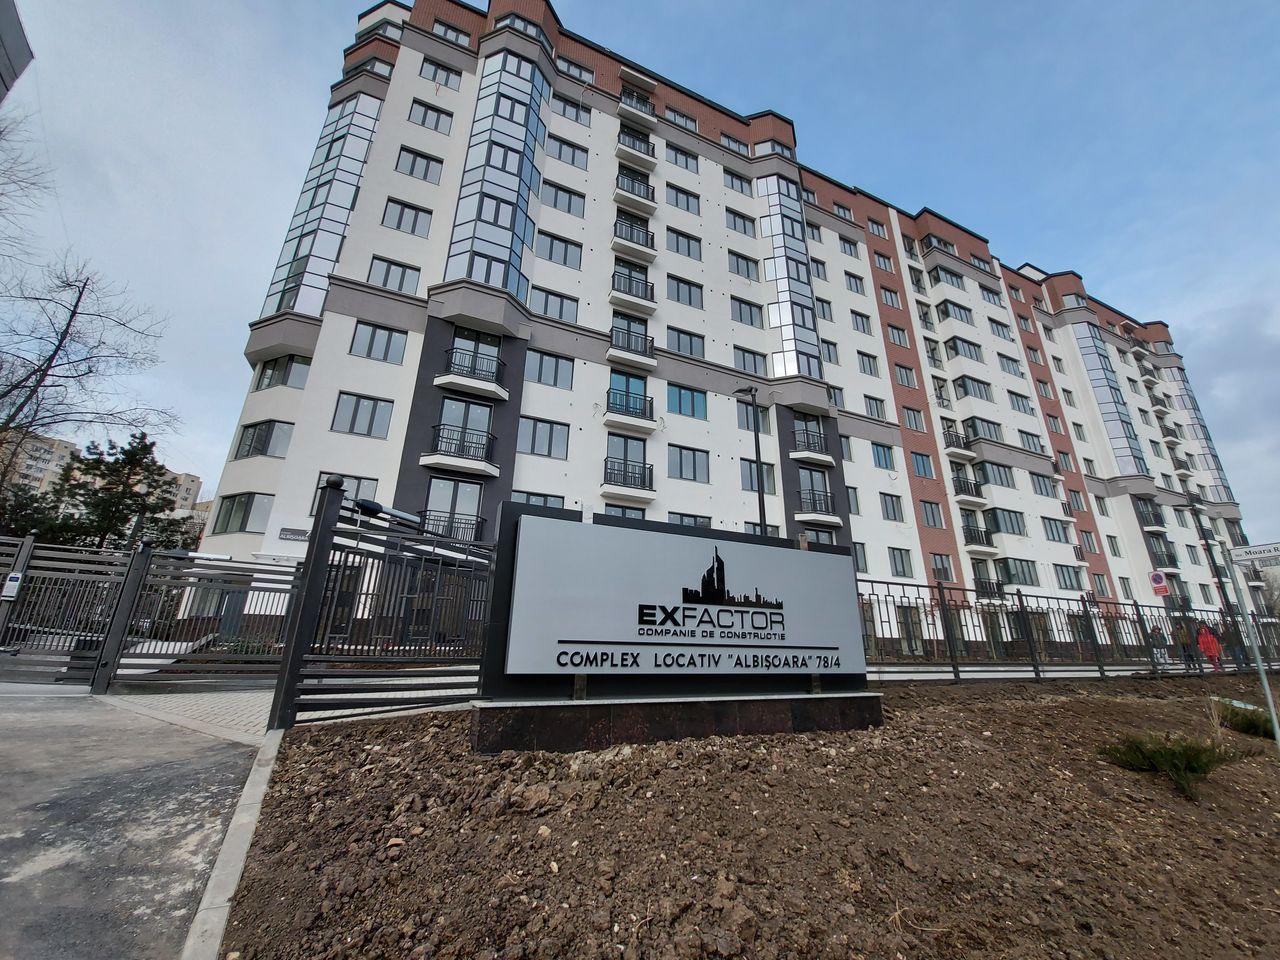 Exfactor, Centru! Apartament cu 2 dormitoare + living